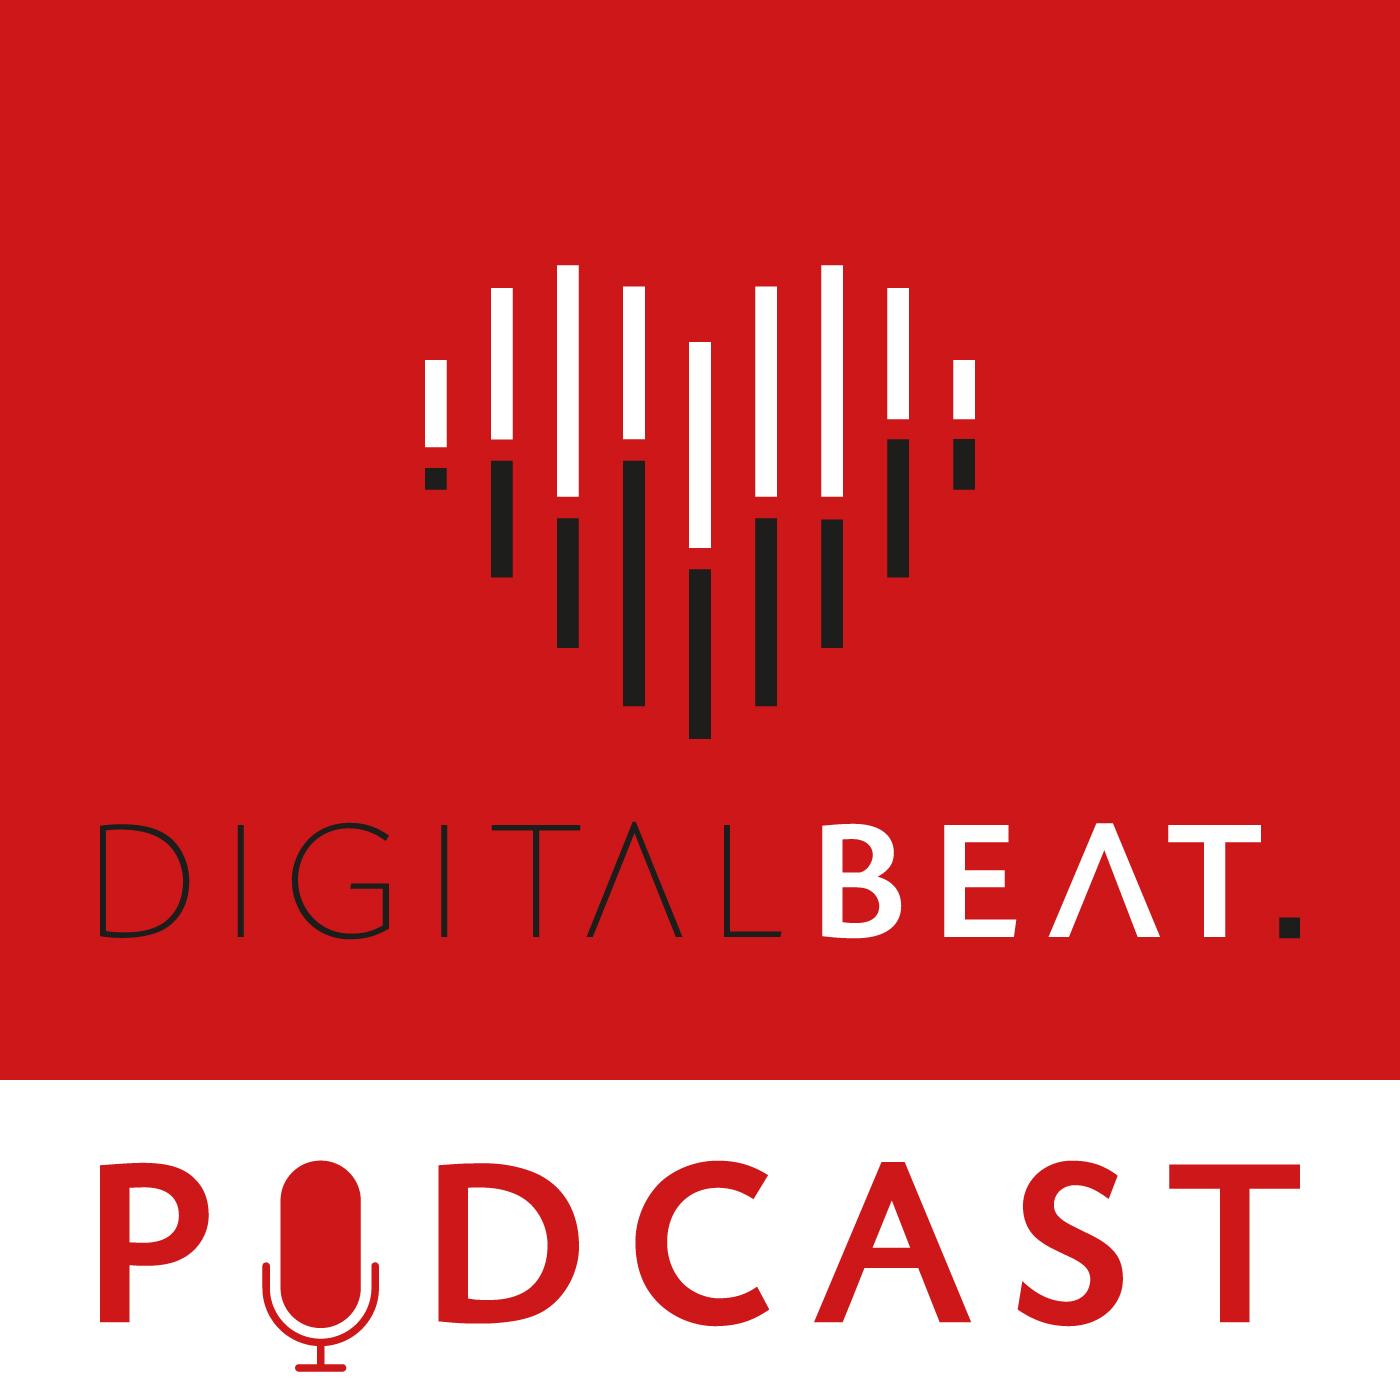 Digital Beat Podcast präsentiert von Thomas Klußmann: Online Marketing | Business | Erfolg | Social Media | Motivation | Unternehmertum | Digitales Marketing | Praktisches Wissen